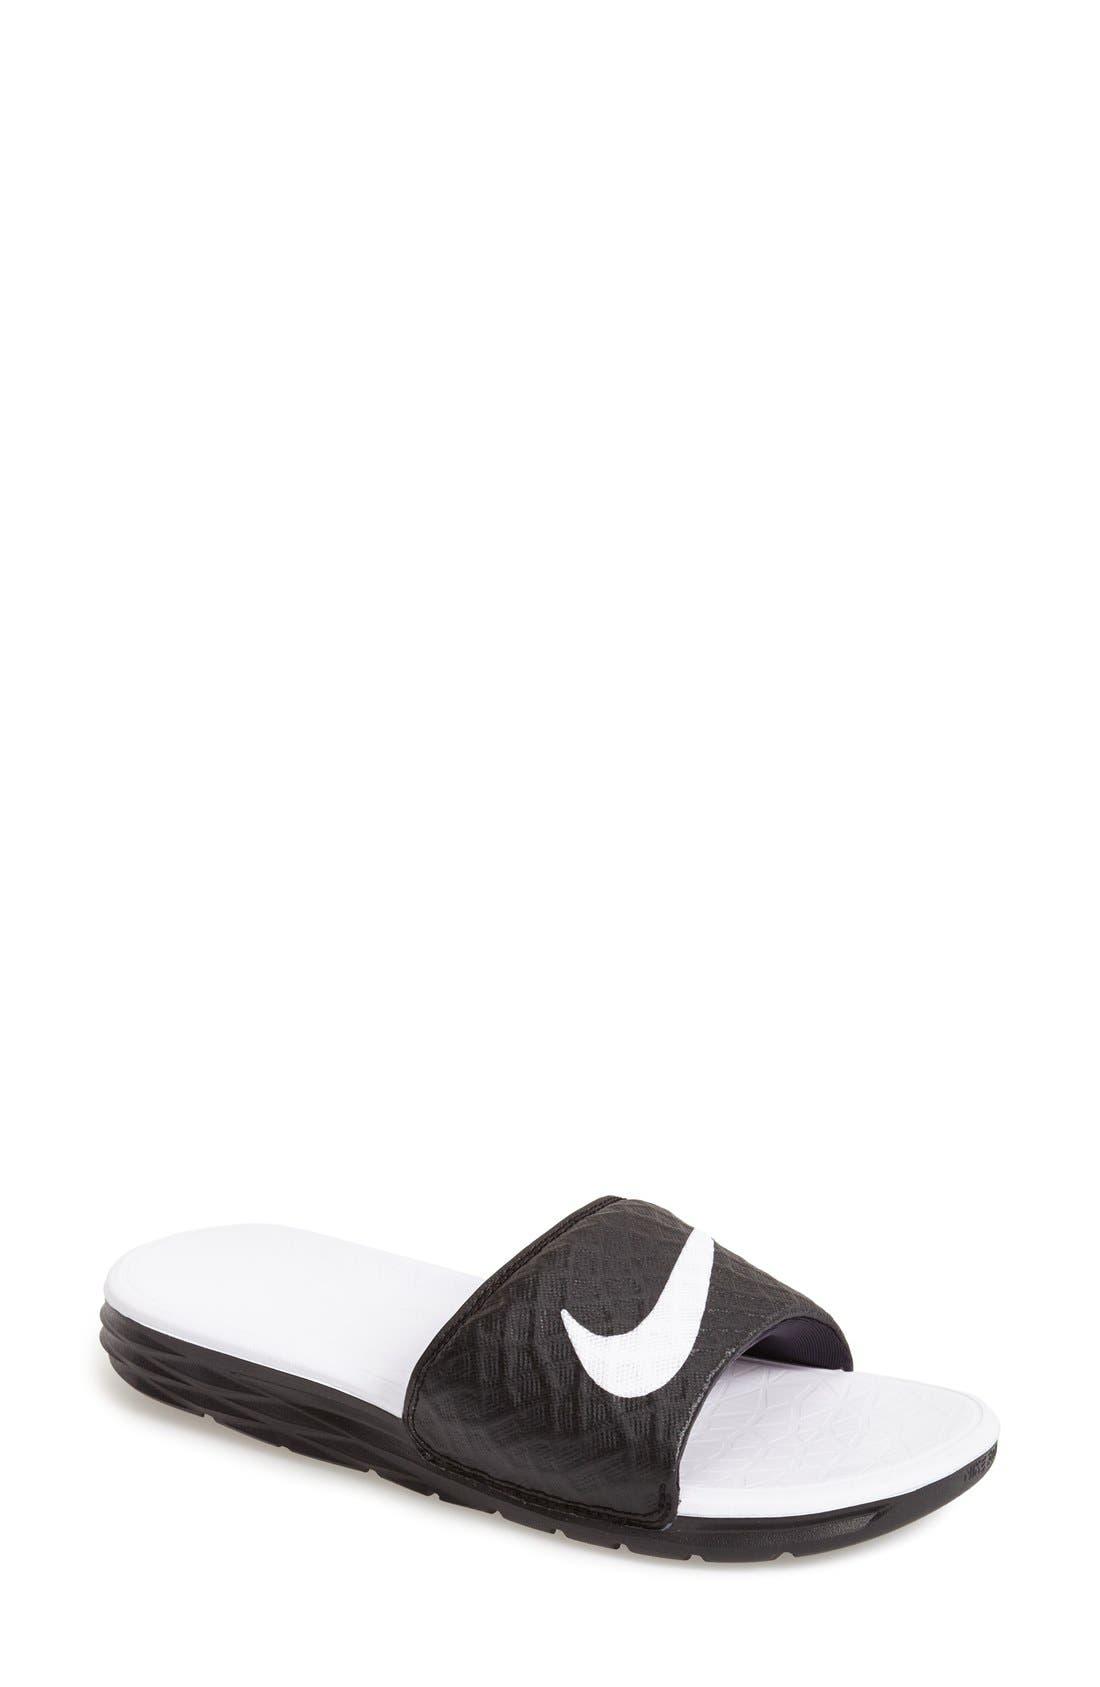 Nike Benassi Solarsoft Slide Sandal Women Nordstrom